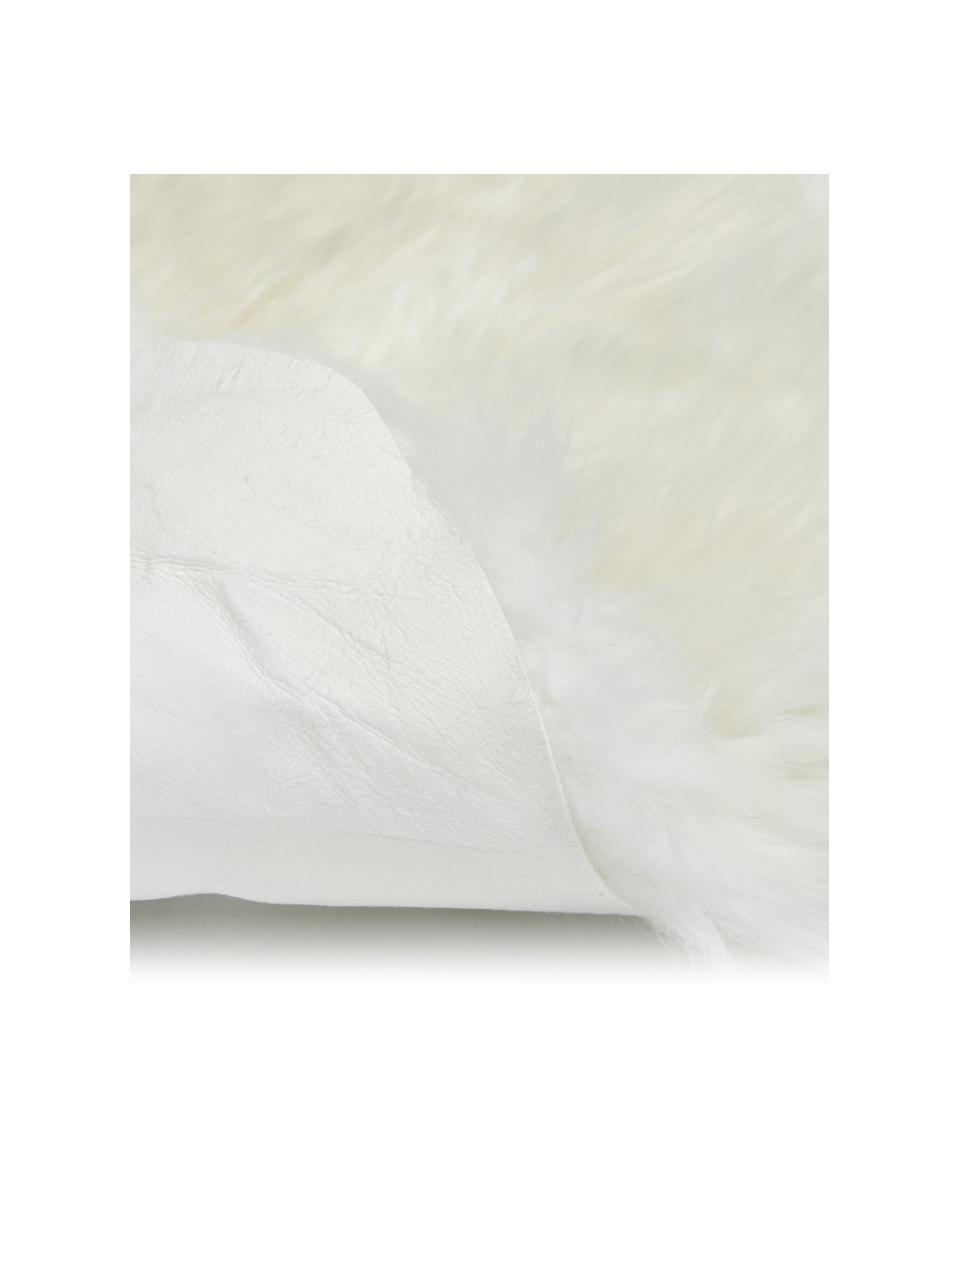 Skóra owcza Oslo, Kremowobiały, S 60 x D 90 cm